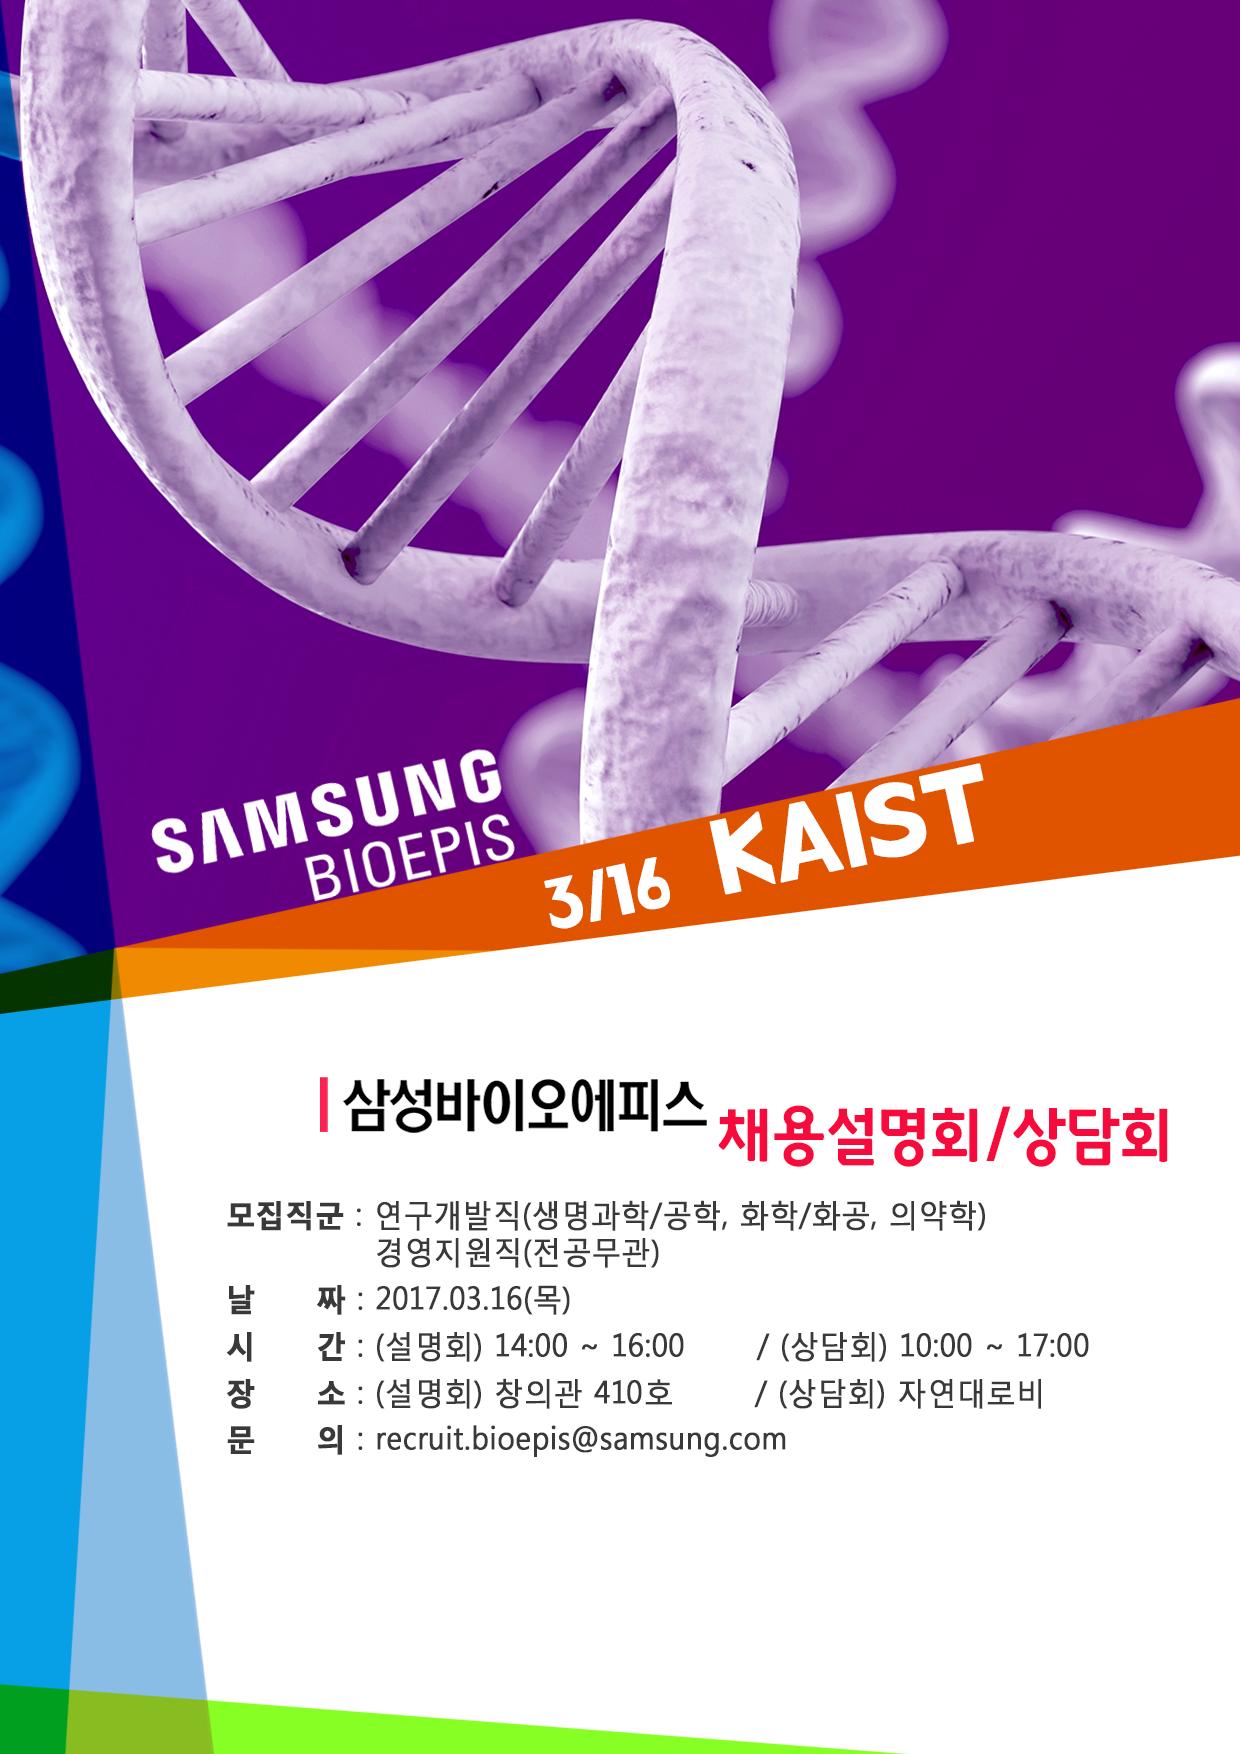 리쿠르팅 포스터_0316 KAIST rv.png